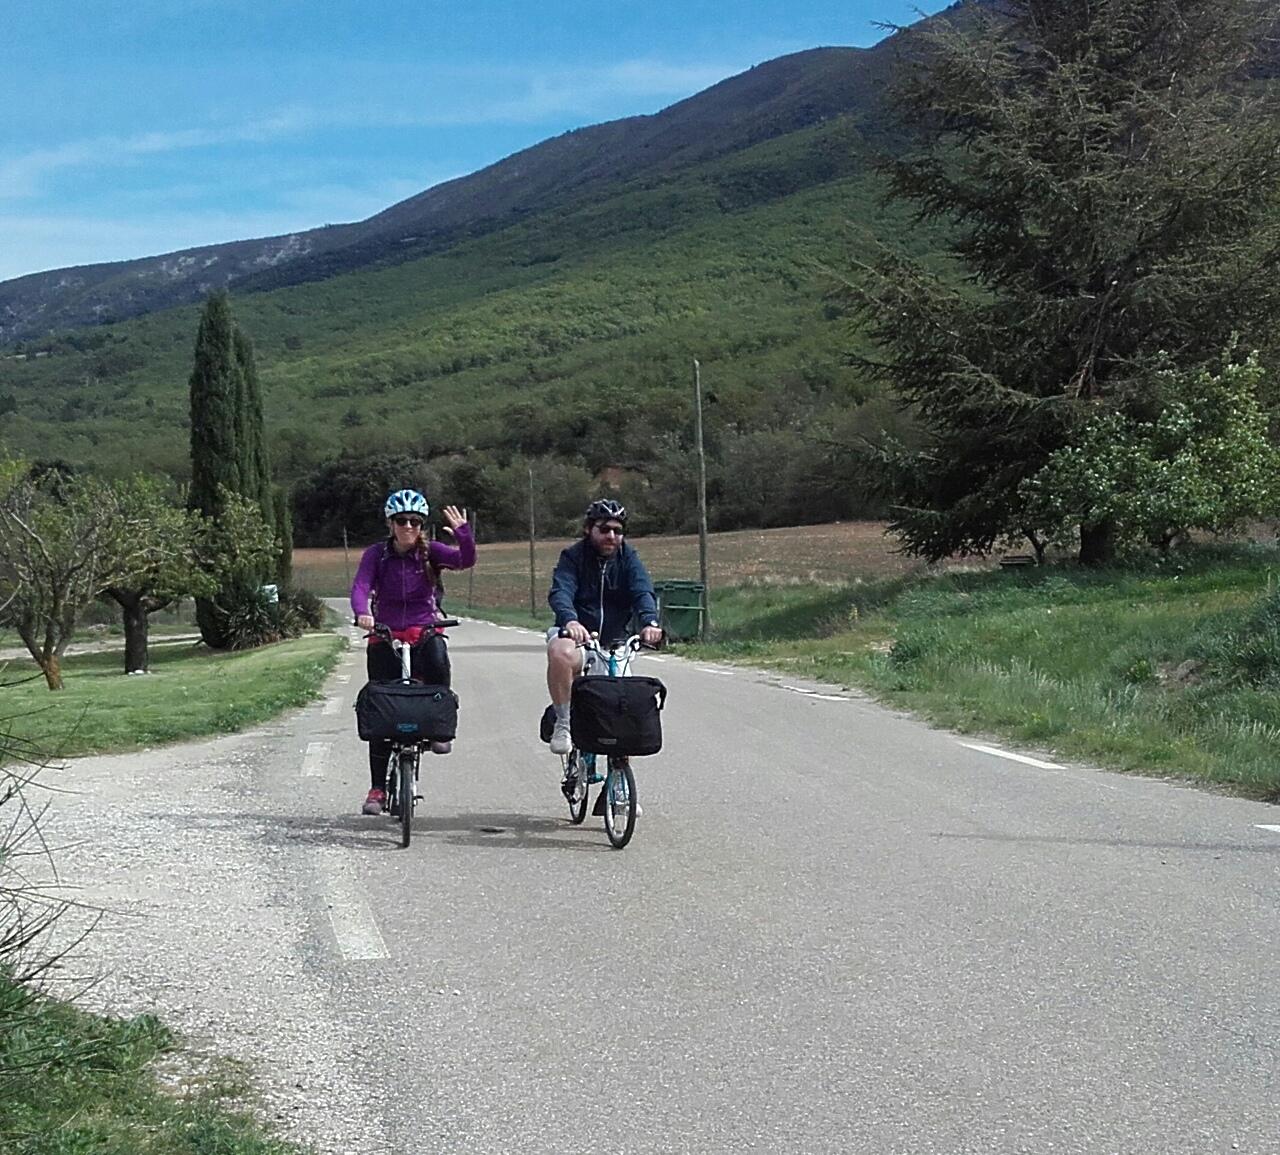 Tour du Luberon + Escapade dans le Verdon [24 avril au 2 mai 2019] saison 14 •Bƒ 20190418